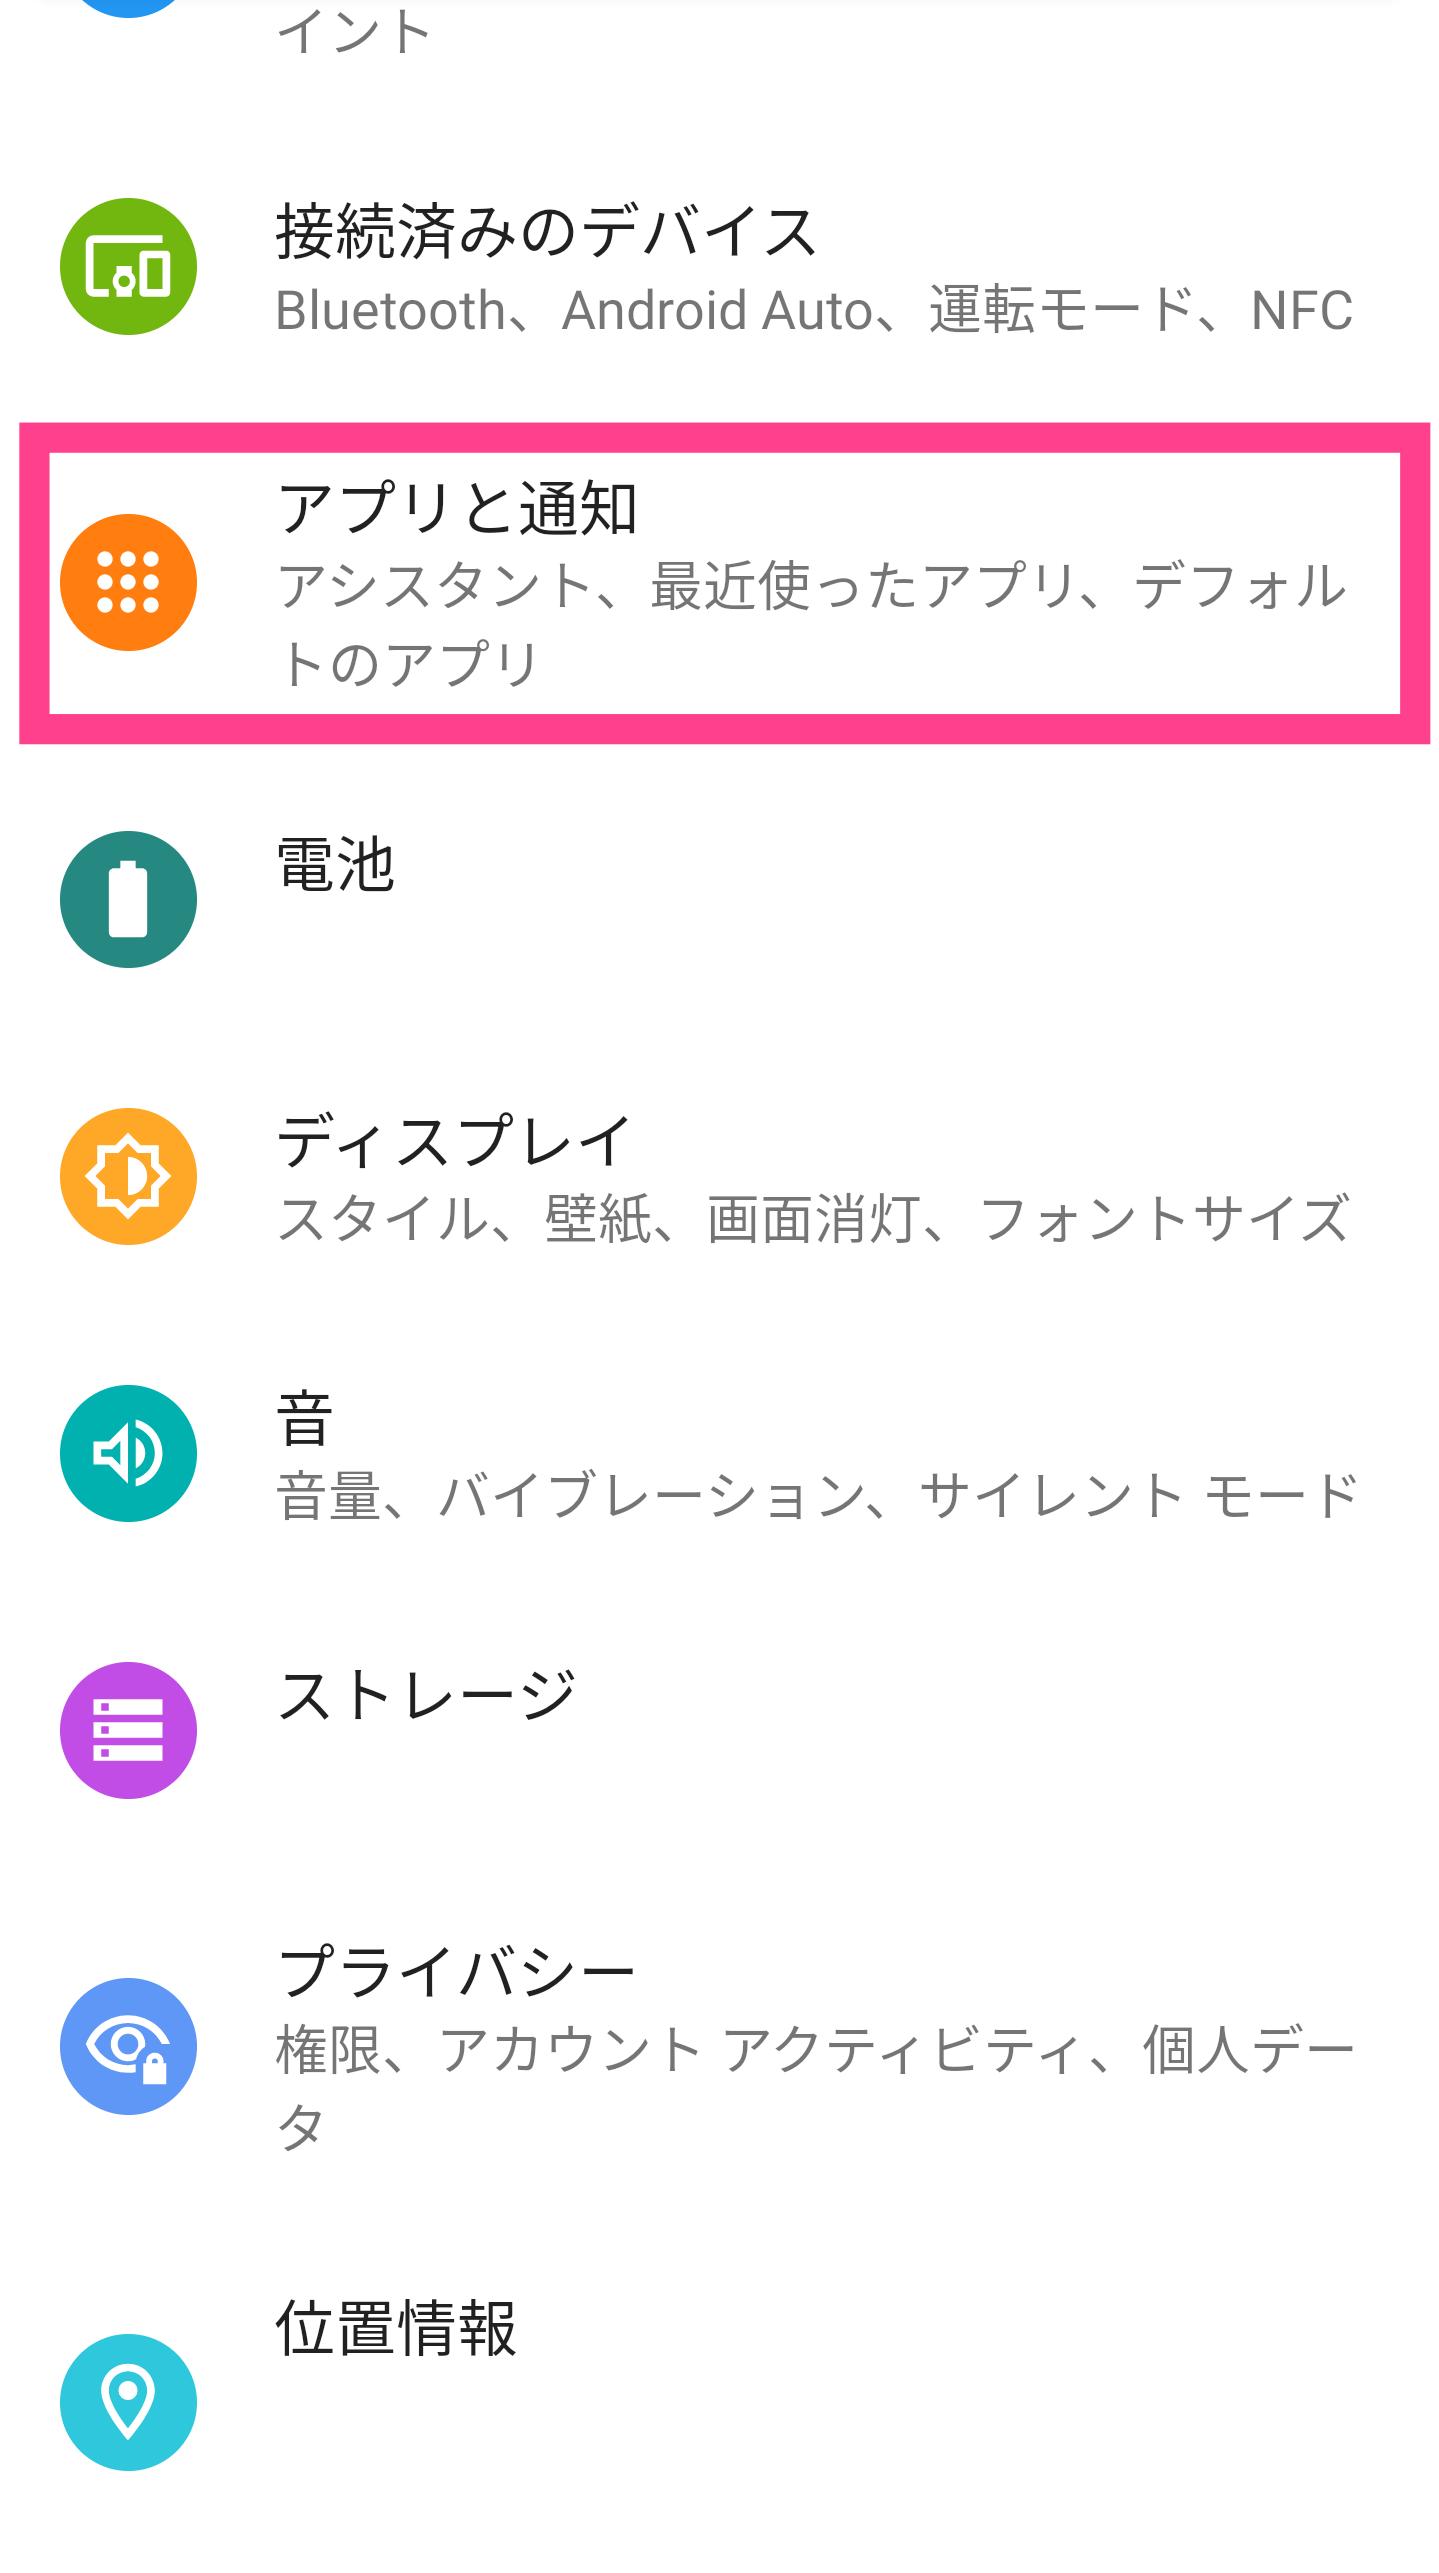 Androidアプリと通知